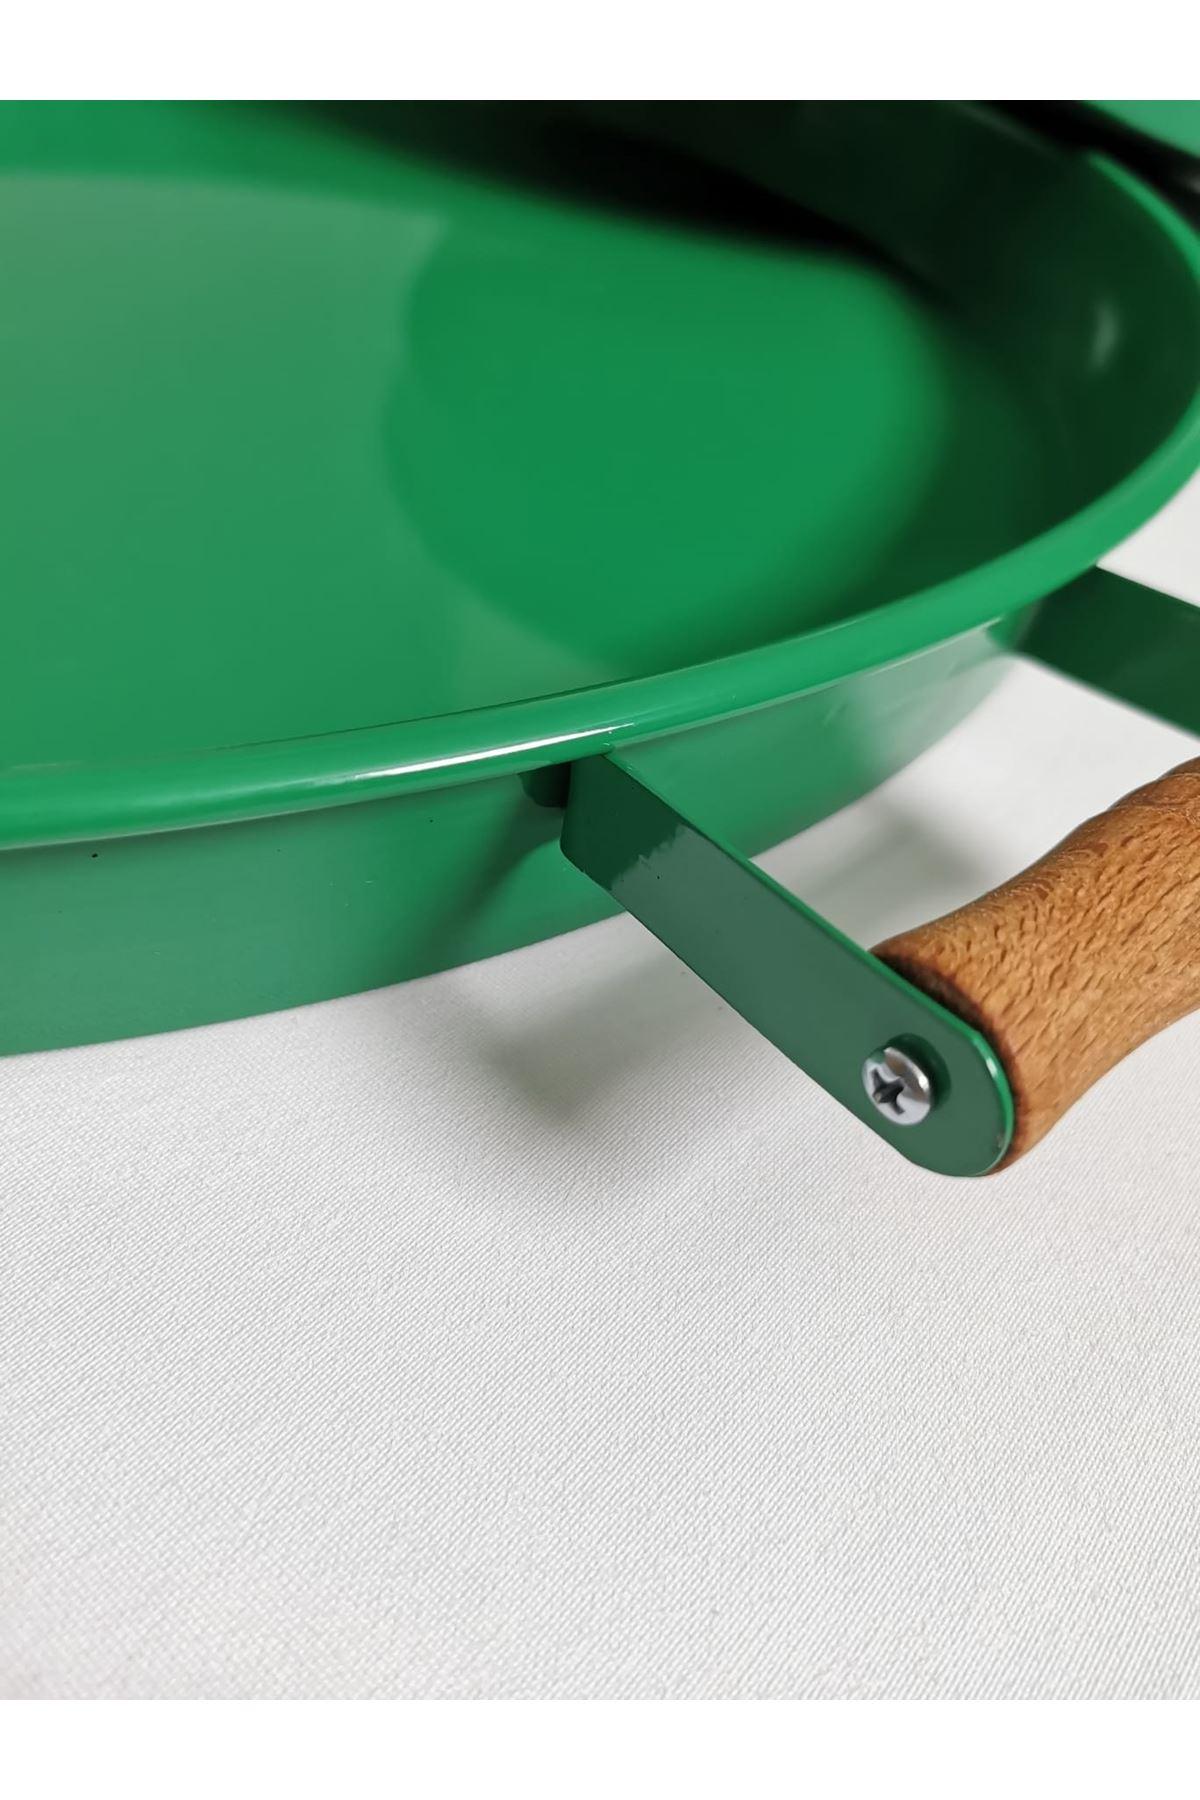 Kitchen Trend 2 Li 51 Cm ve 37 Cm  Ahşap Kulplu Metal Yuvarlak Açık Yeşil Tepsi Sunum Tepsi, Kahvaltı Tepsi